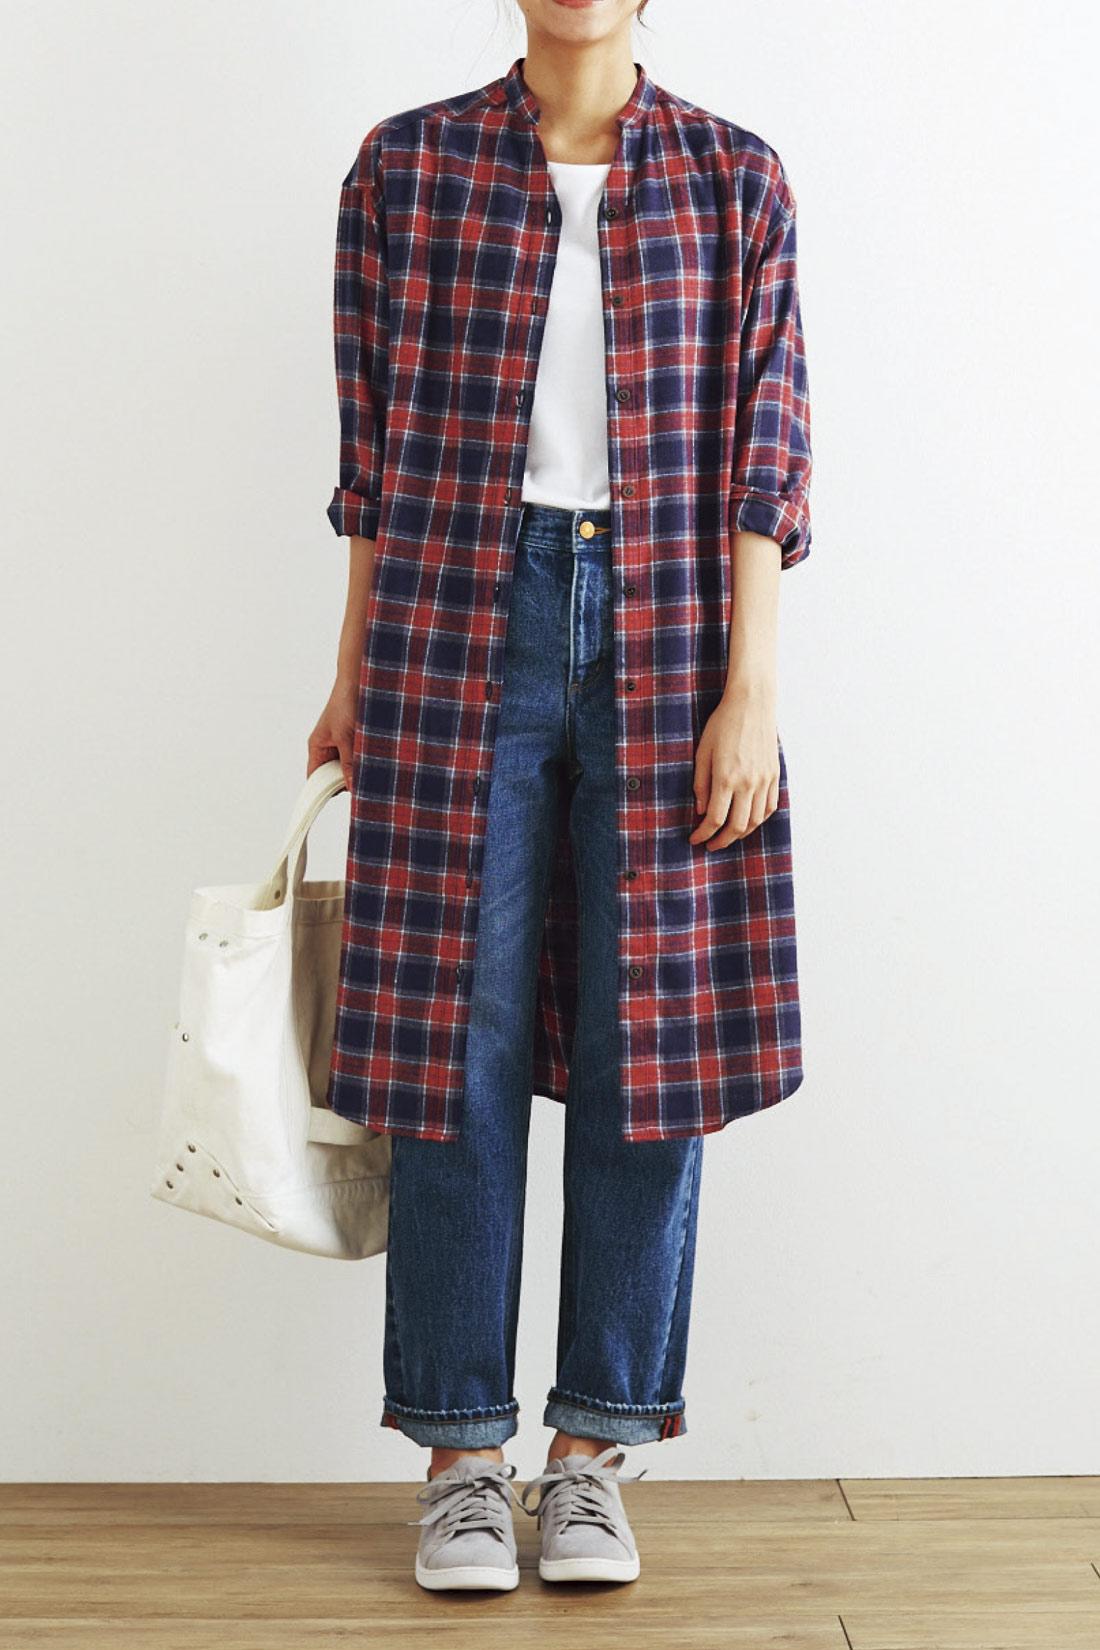 Tシャツの上にはおって、寒くなる前のコート代わりにも。※着用イメージです。お届けするカラーとは異なります。